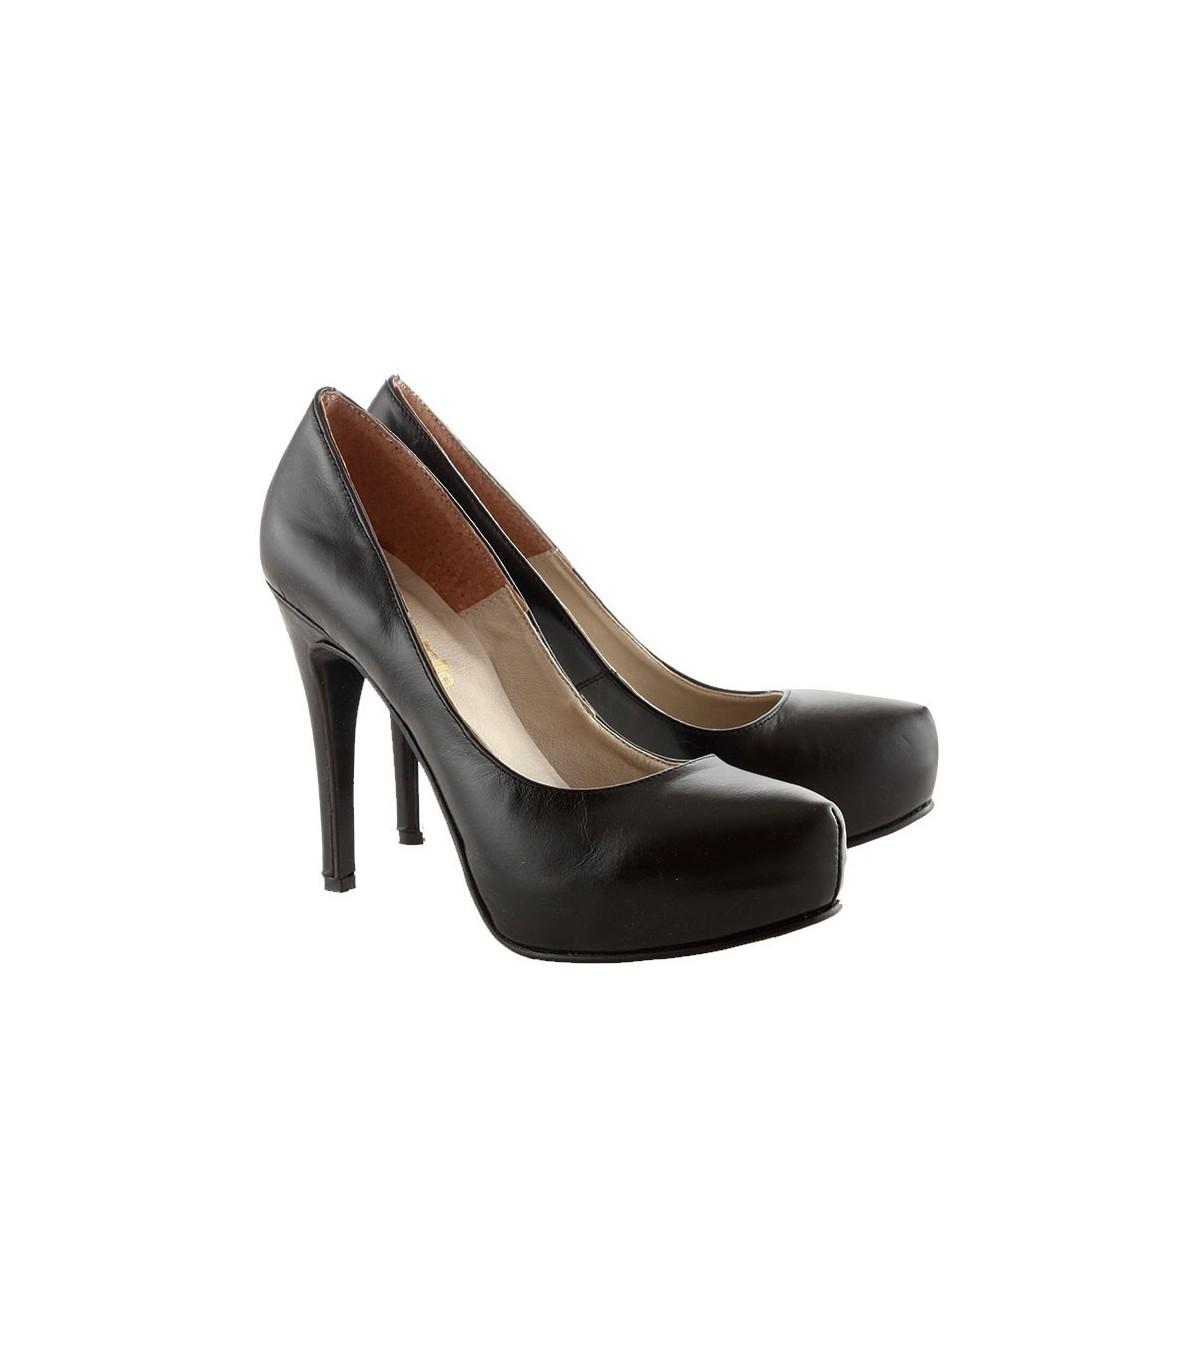 mejor selección 7c576 8e97c Stilettos de cuero negro – Zapatos de mujer – Batistella.com.ar